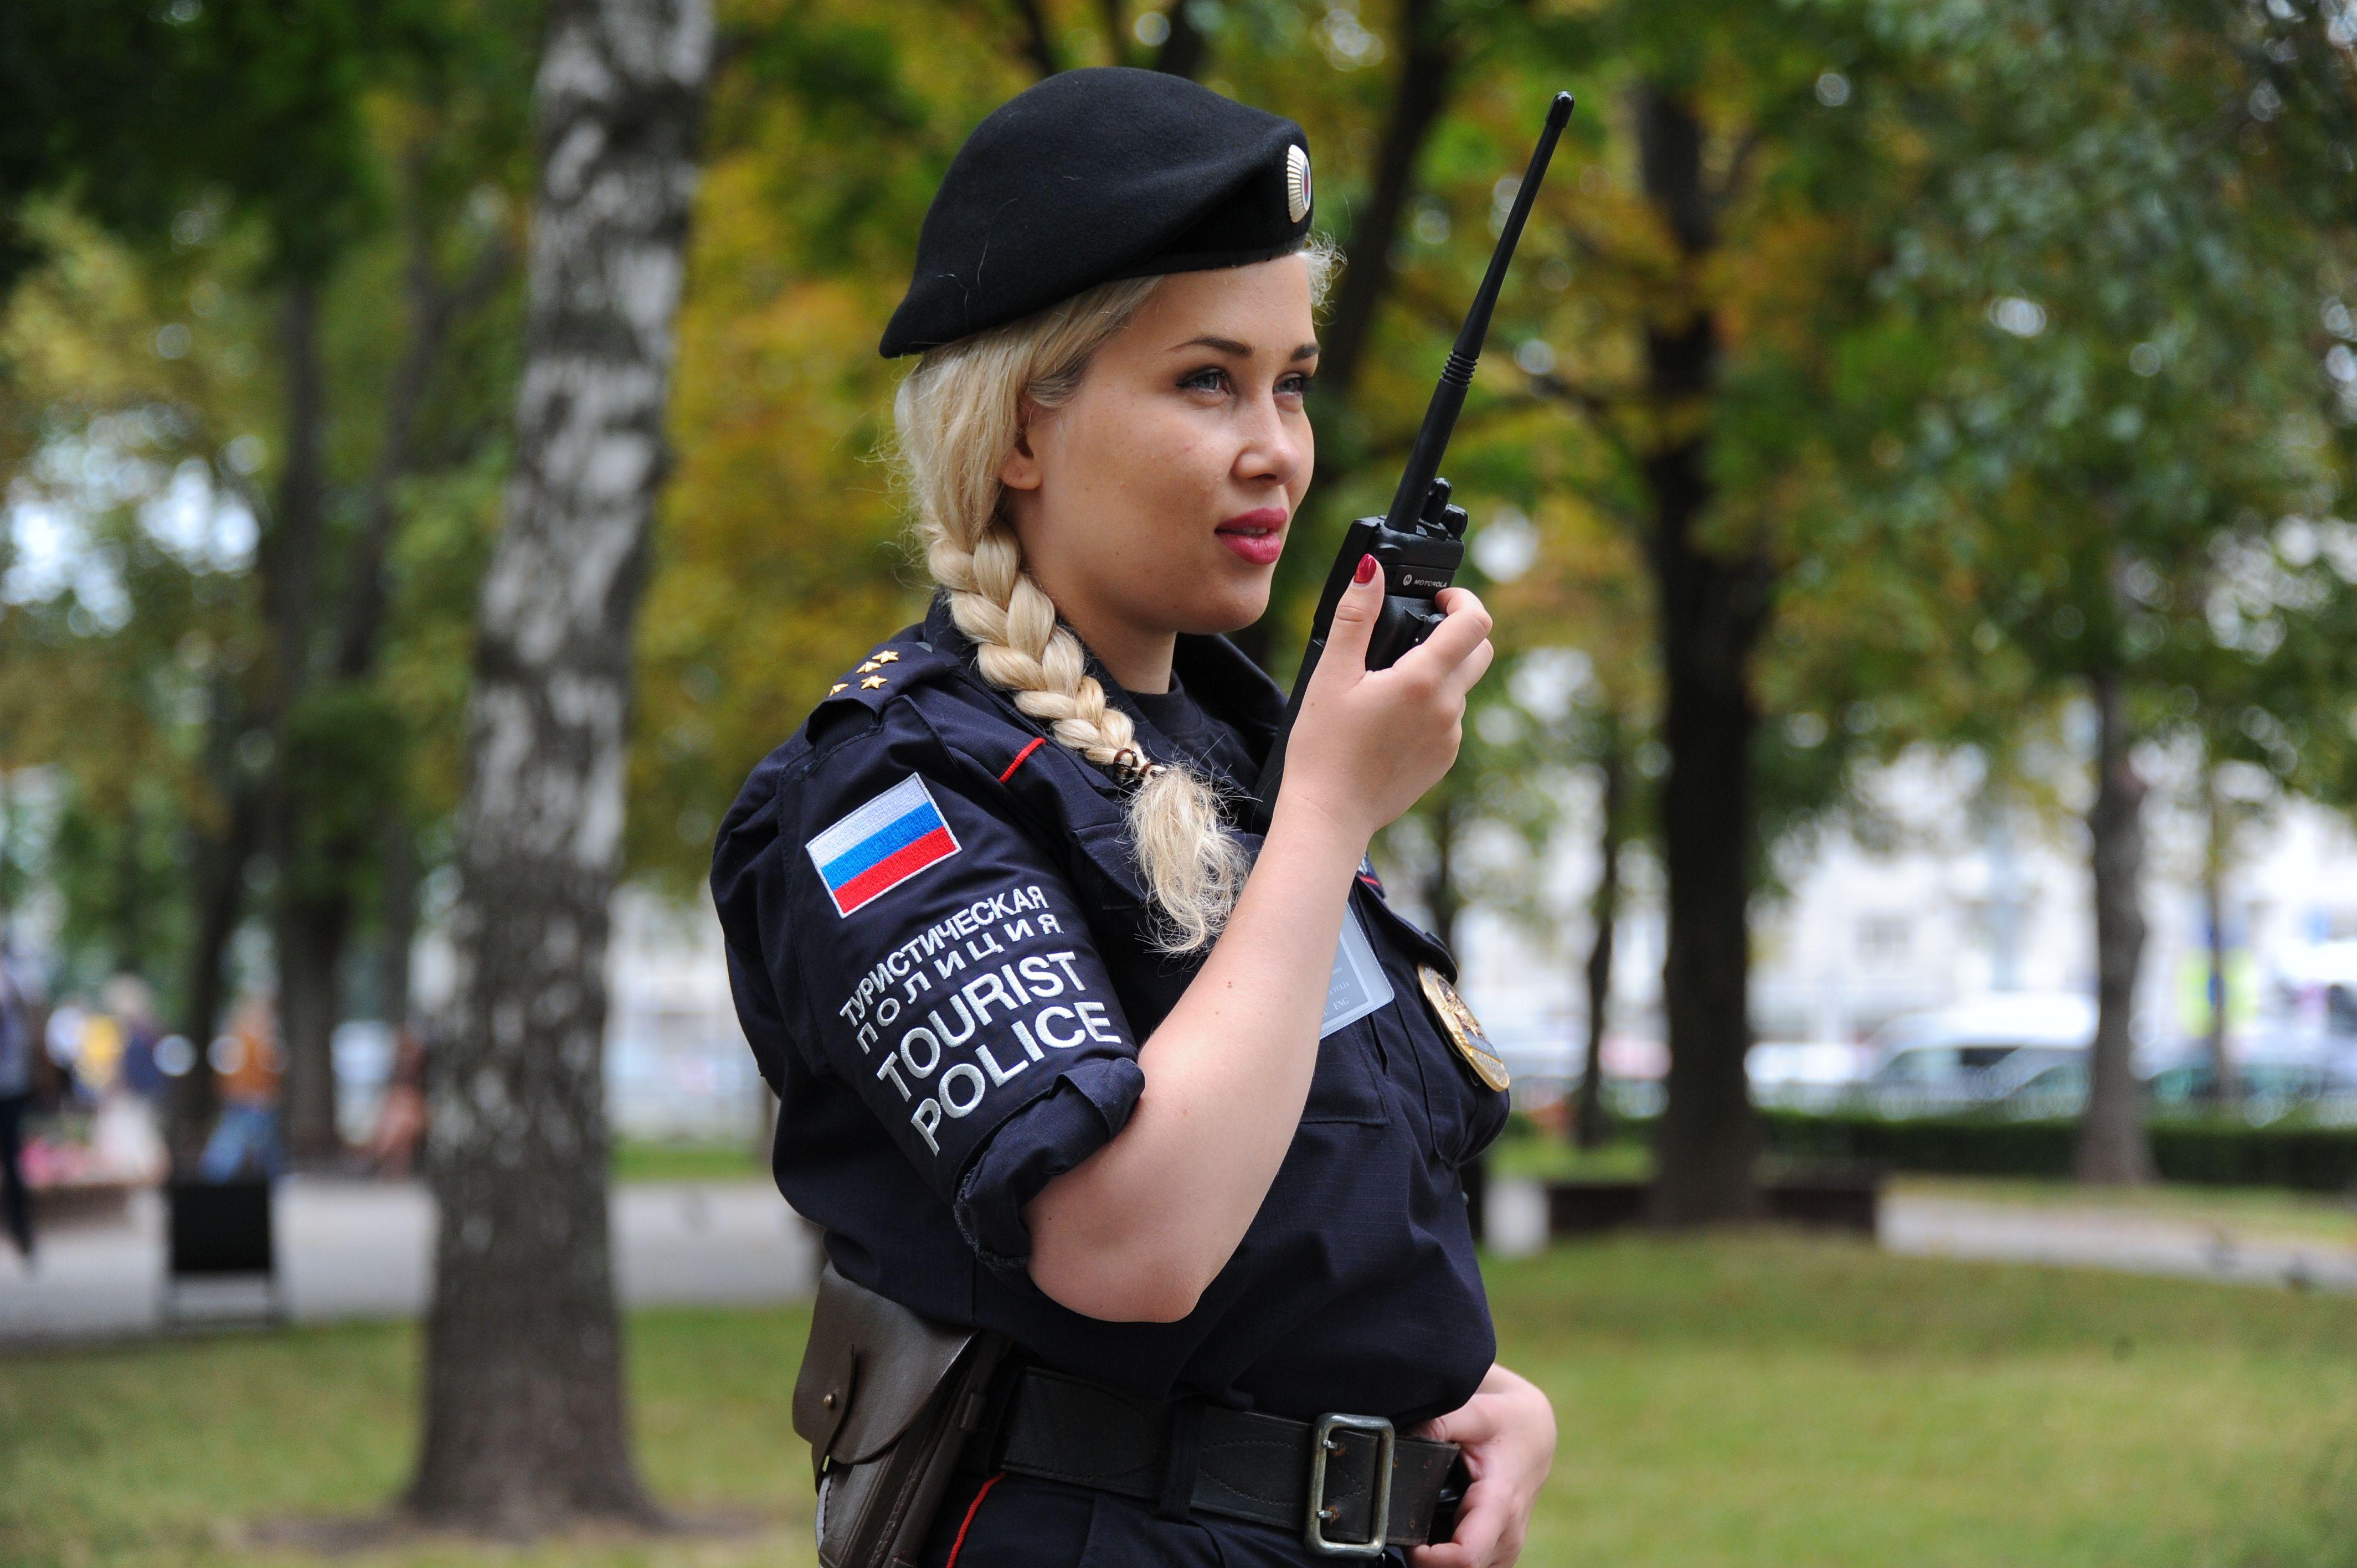 Член Общественного совета Лилиана Воронцова приняла участие вместе с сотрудниками полиции в Форуме «Правовая Москва» # Каникулы с Общественным советом